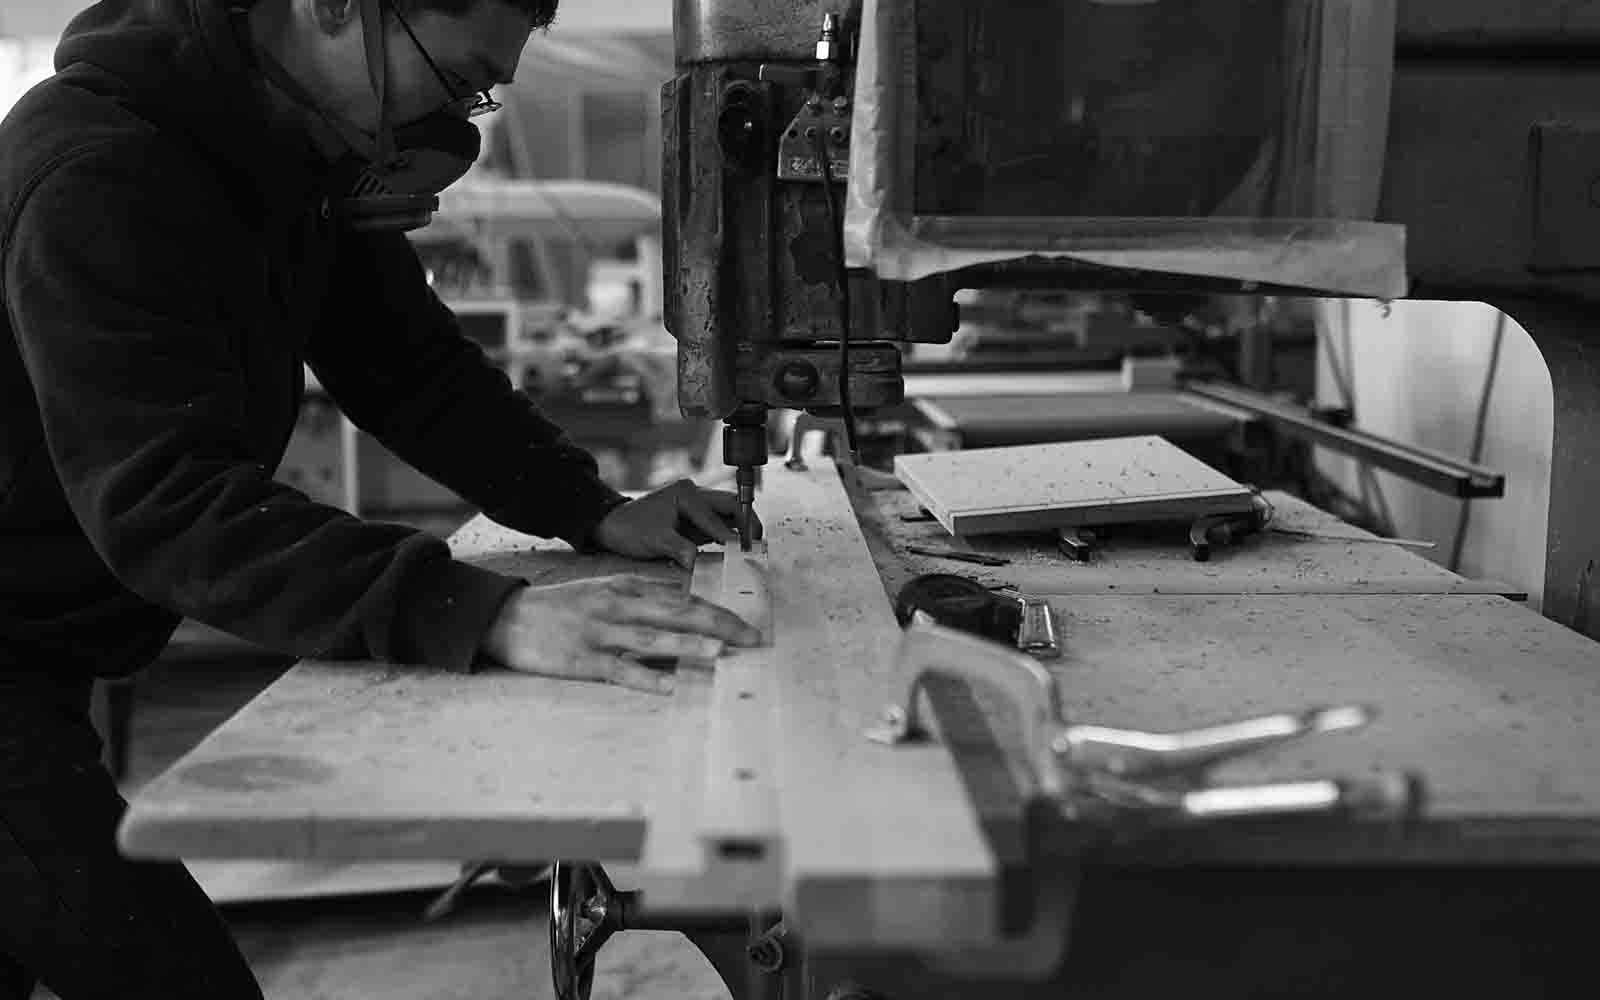 私たちYUFFEは、北海道に工房を構える、 家具・リペア・施工のプロフェッショナル集団です。